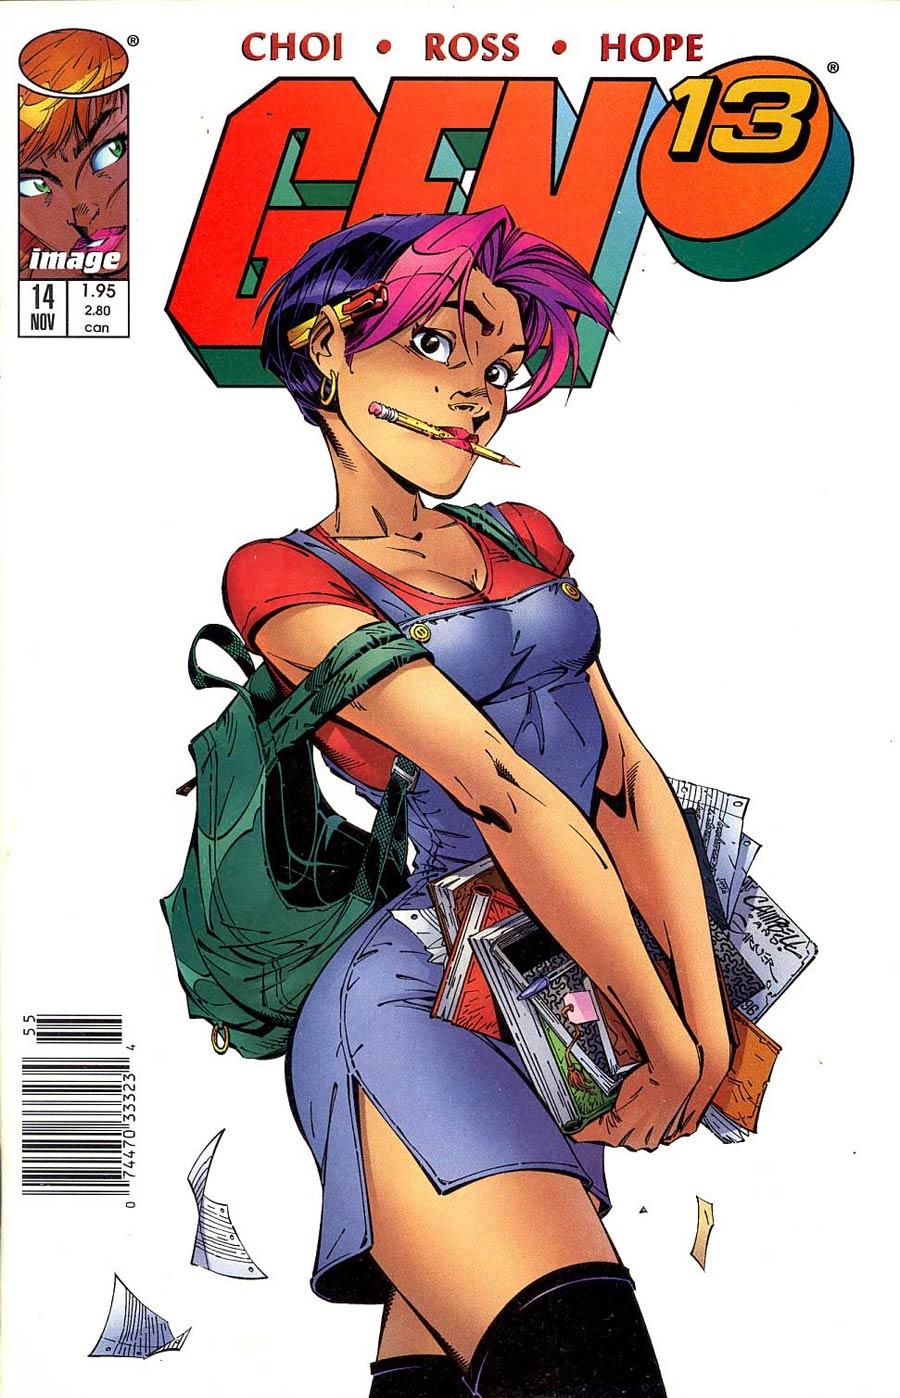 Gen 13 Vol 2 #14 Cover B Newsstand Edition